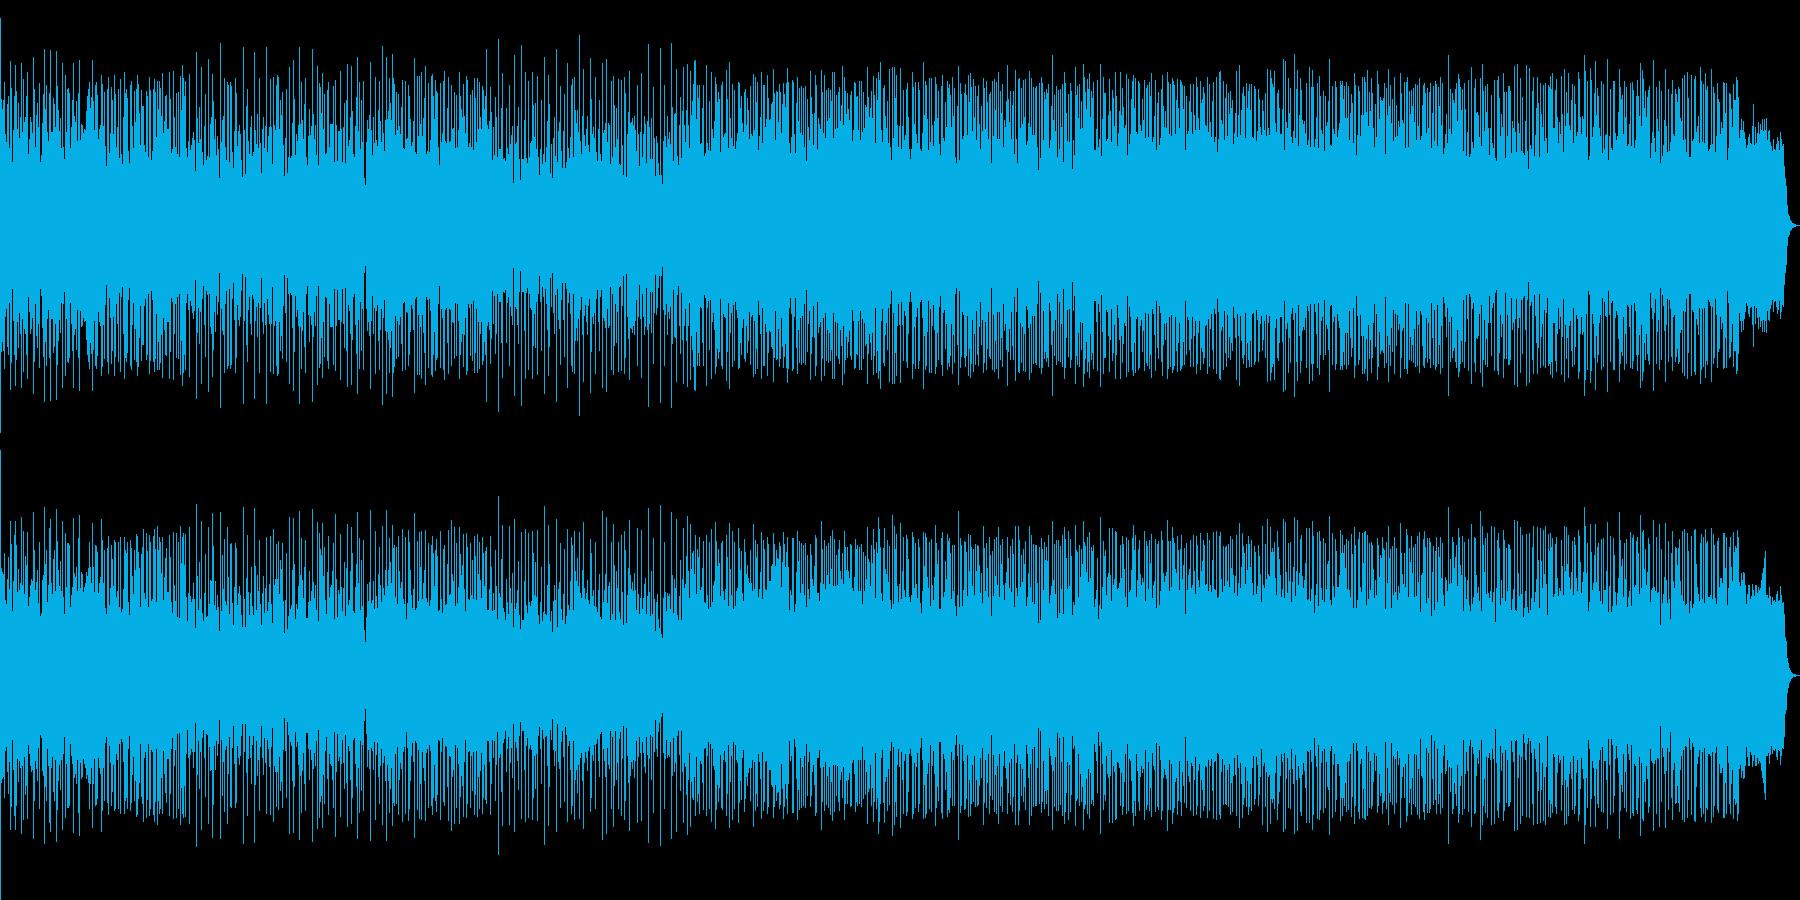 別れと出会い描写したポップサウンドの再生済みの波形